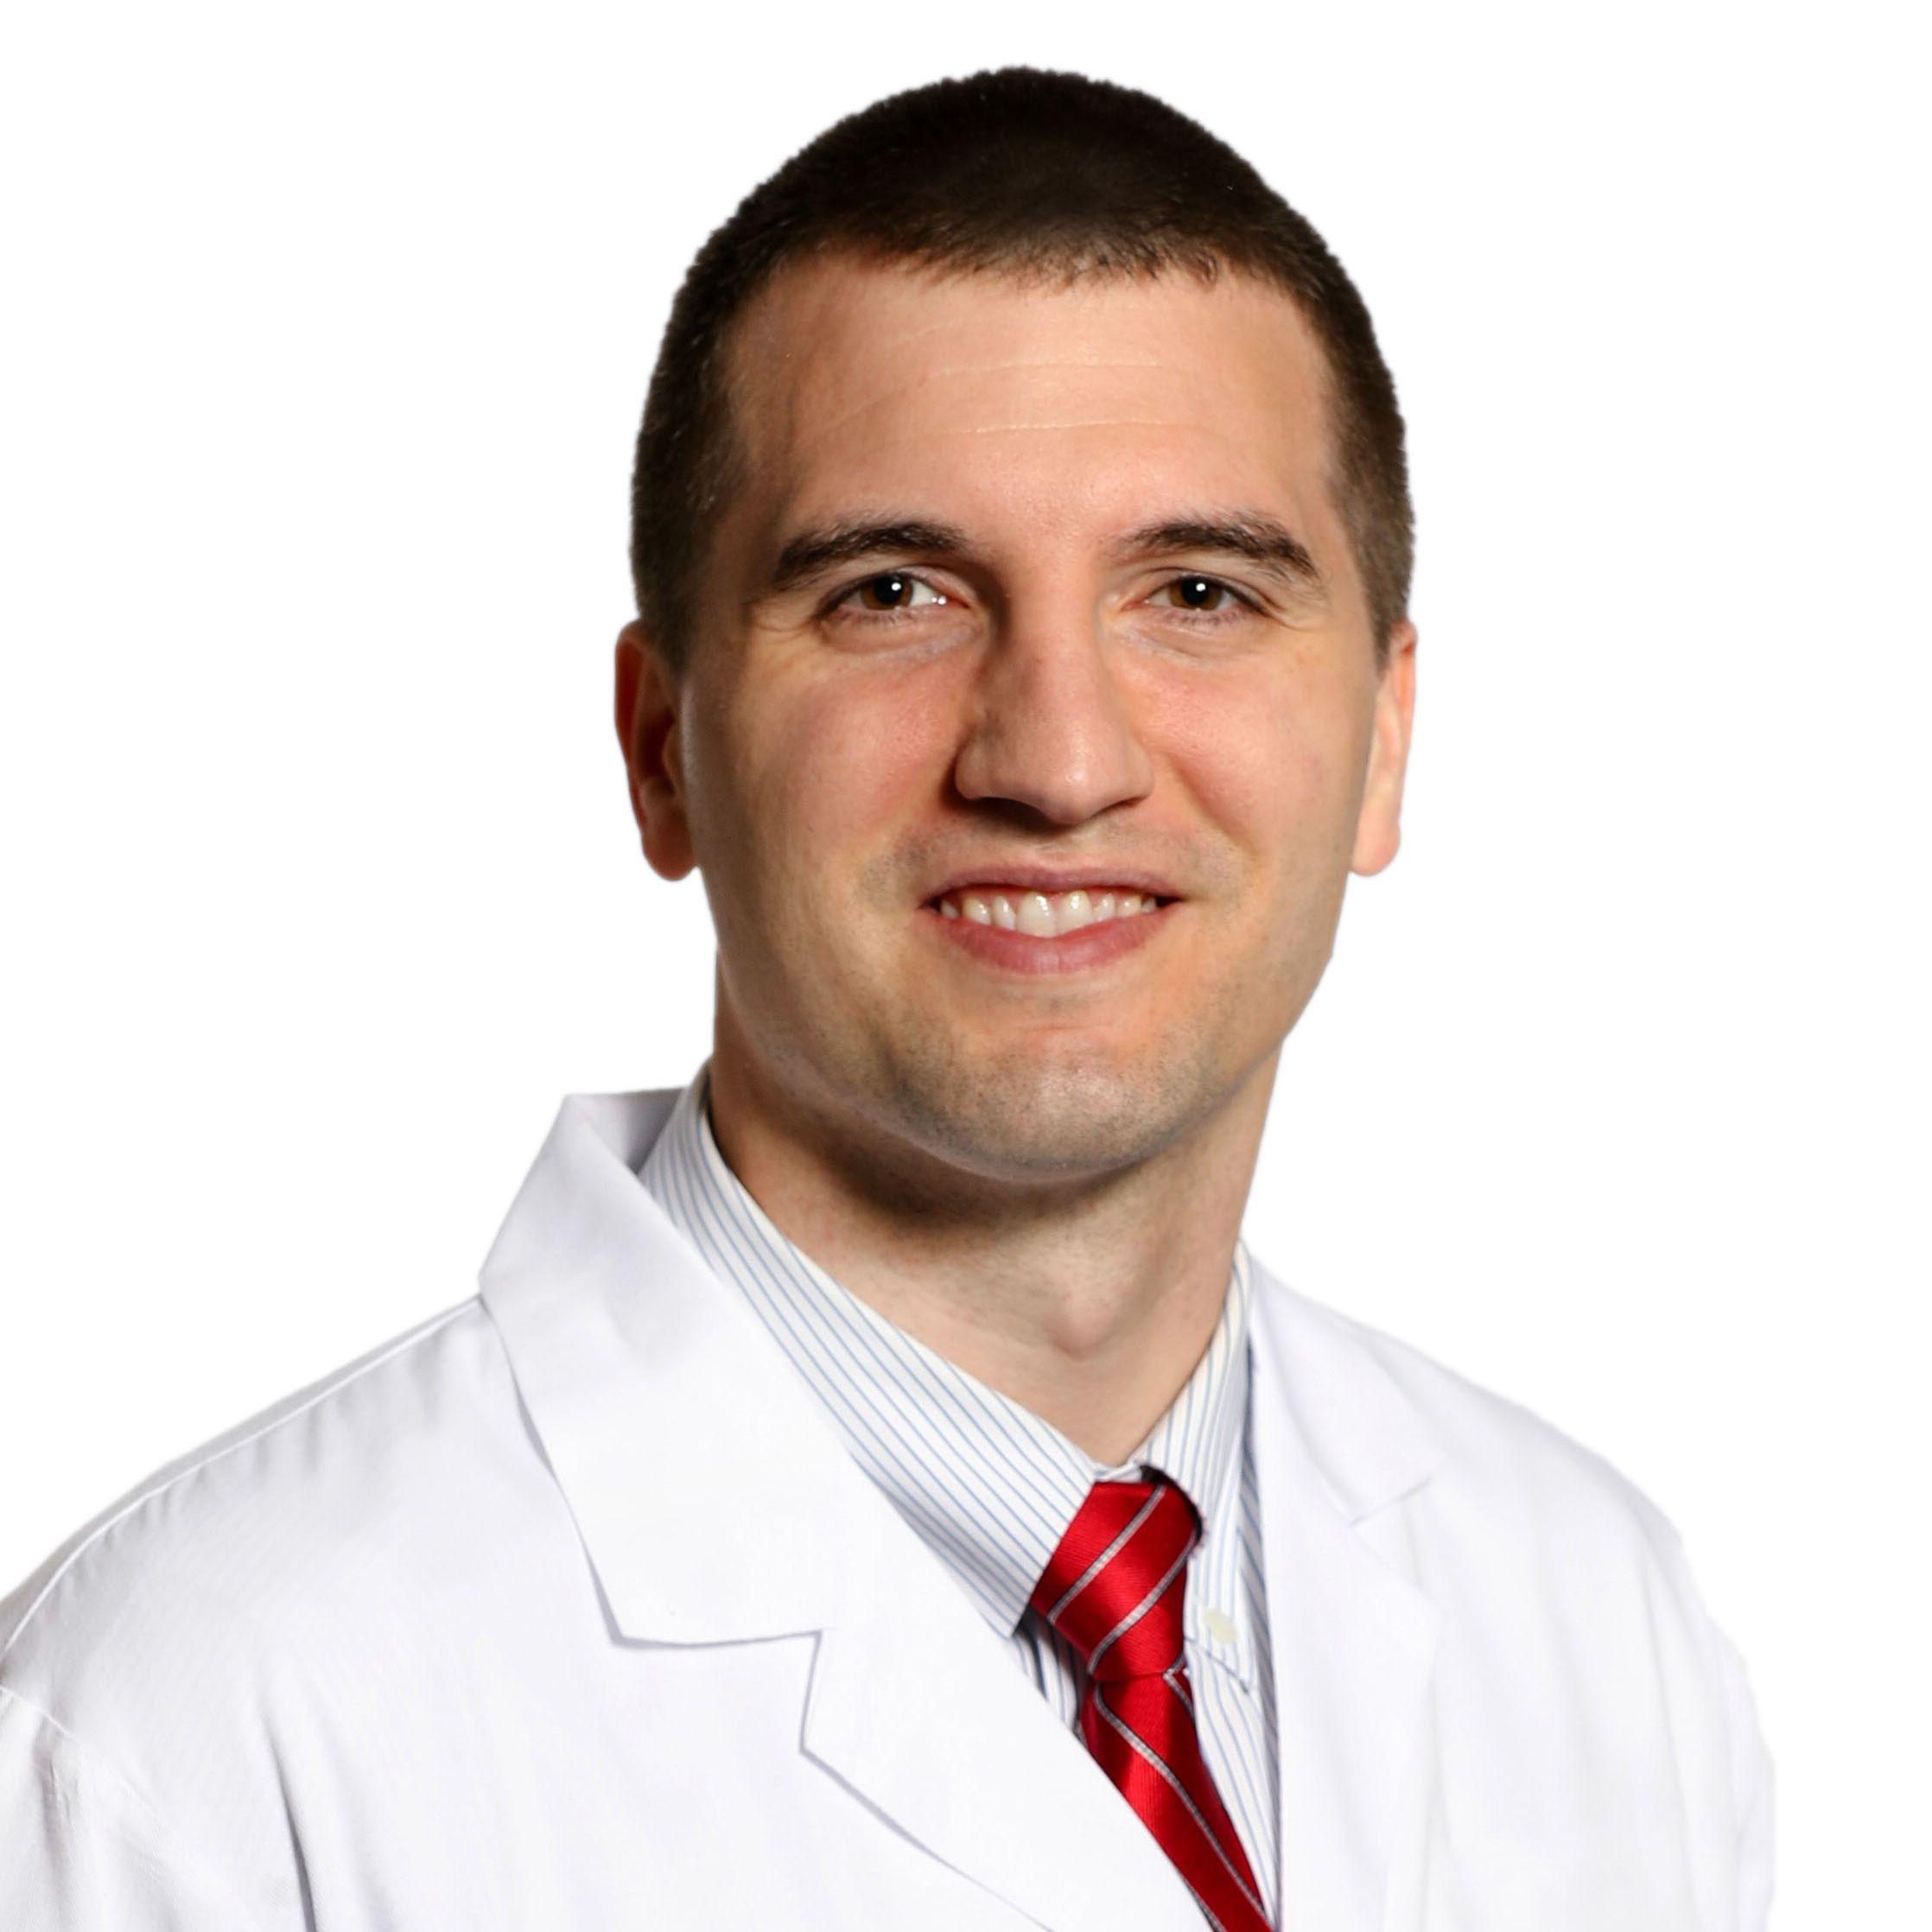 Dr. Brian Heiniger